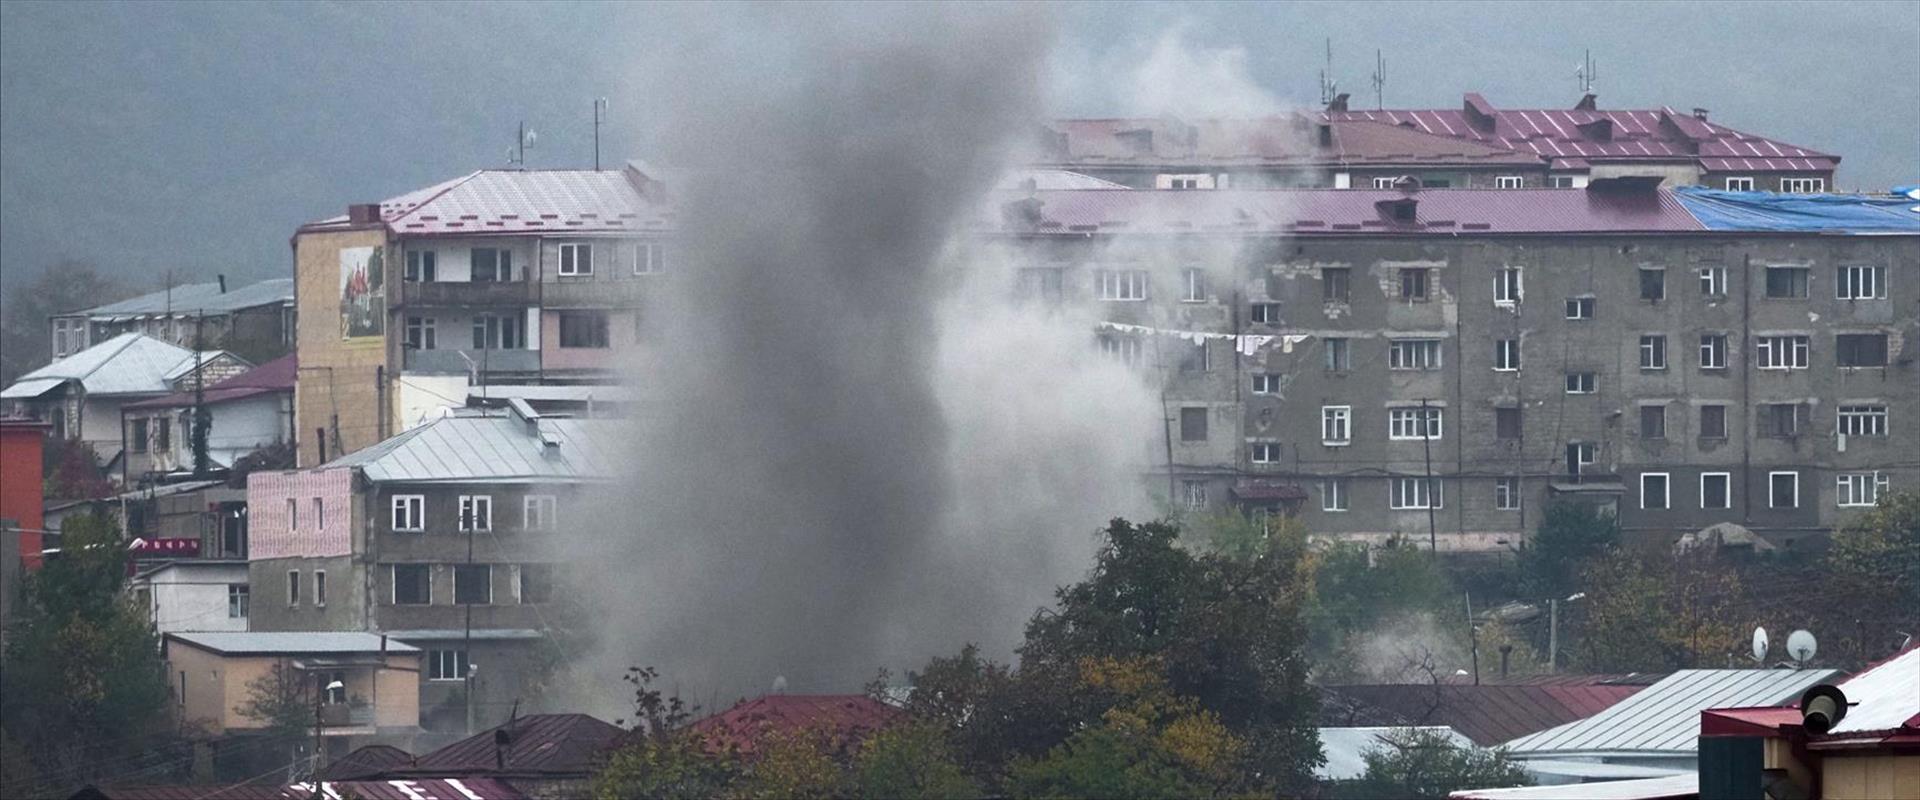 המלחמה בנגורנו-קרבאך